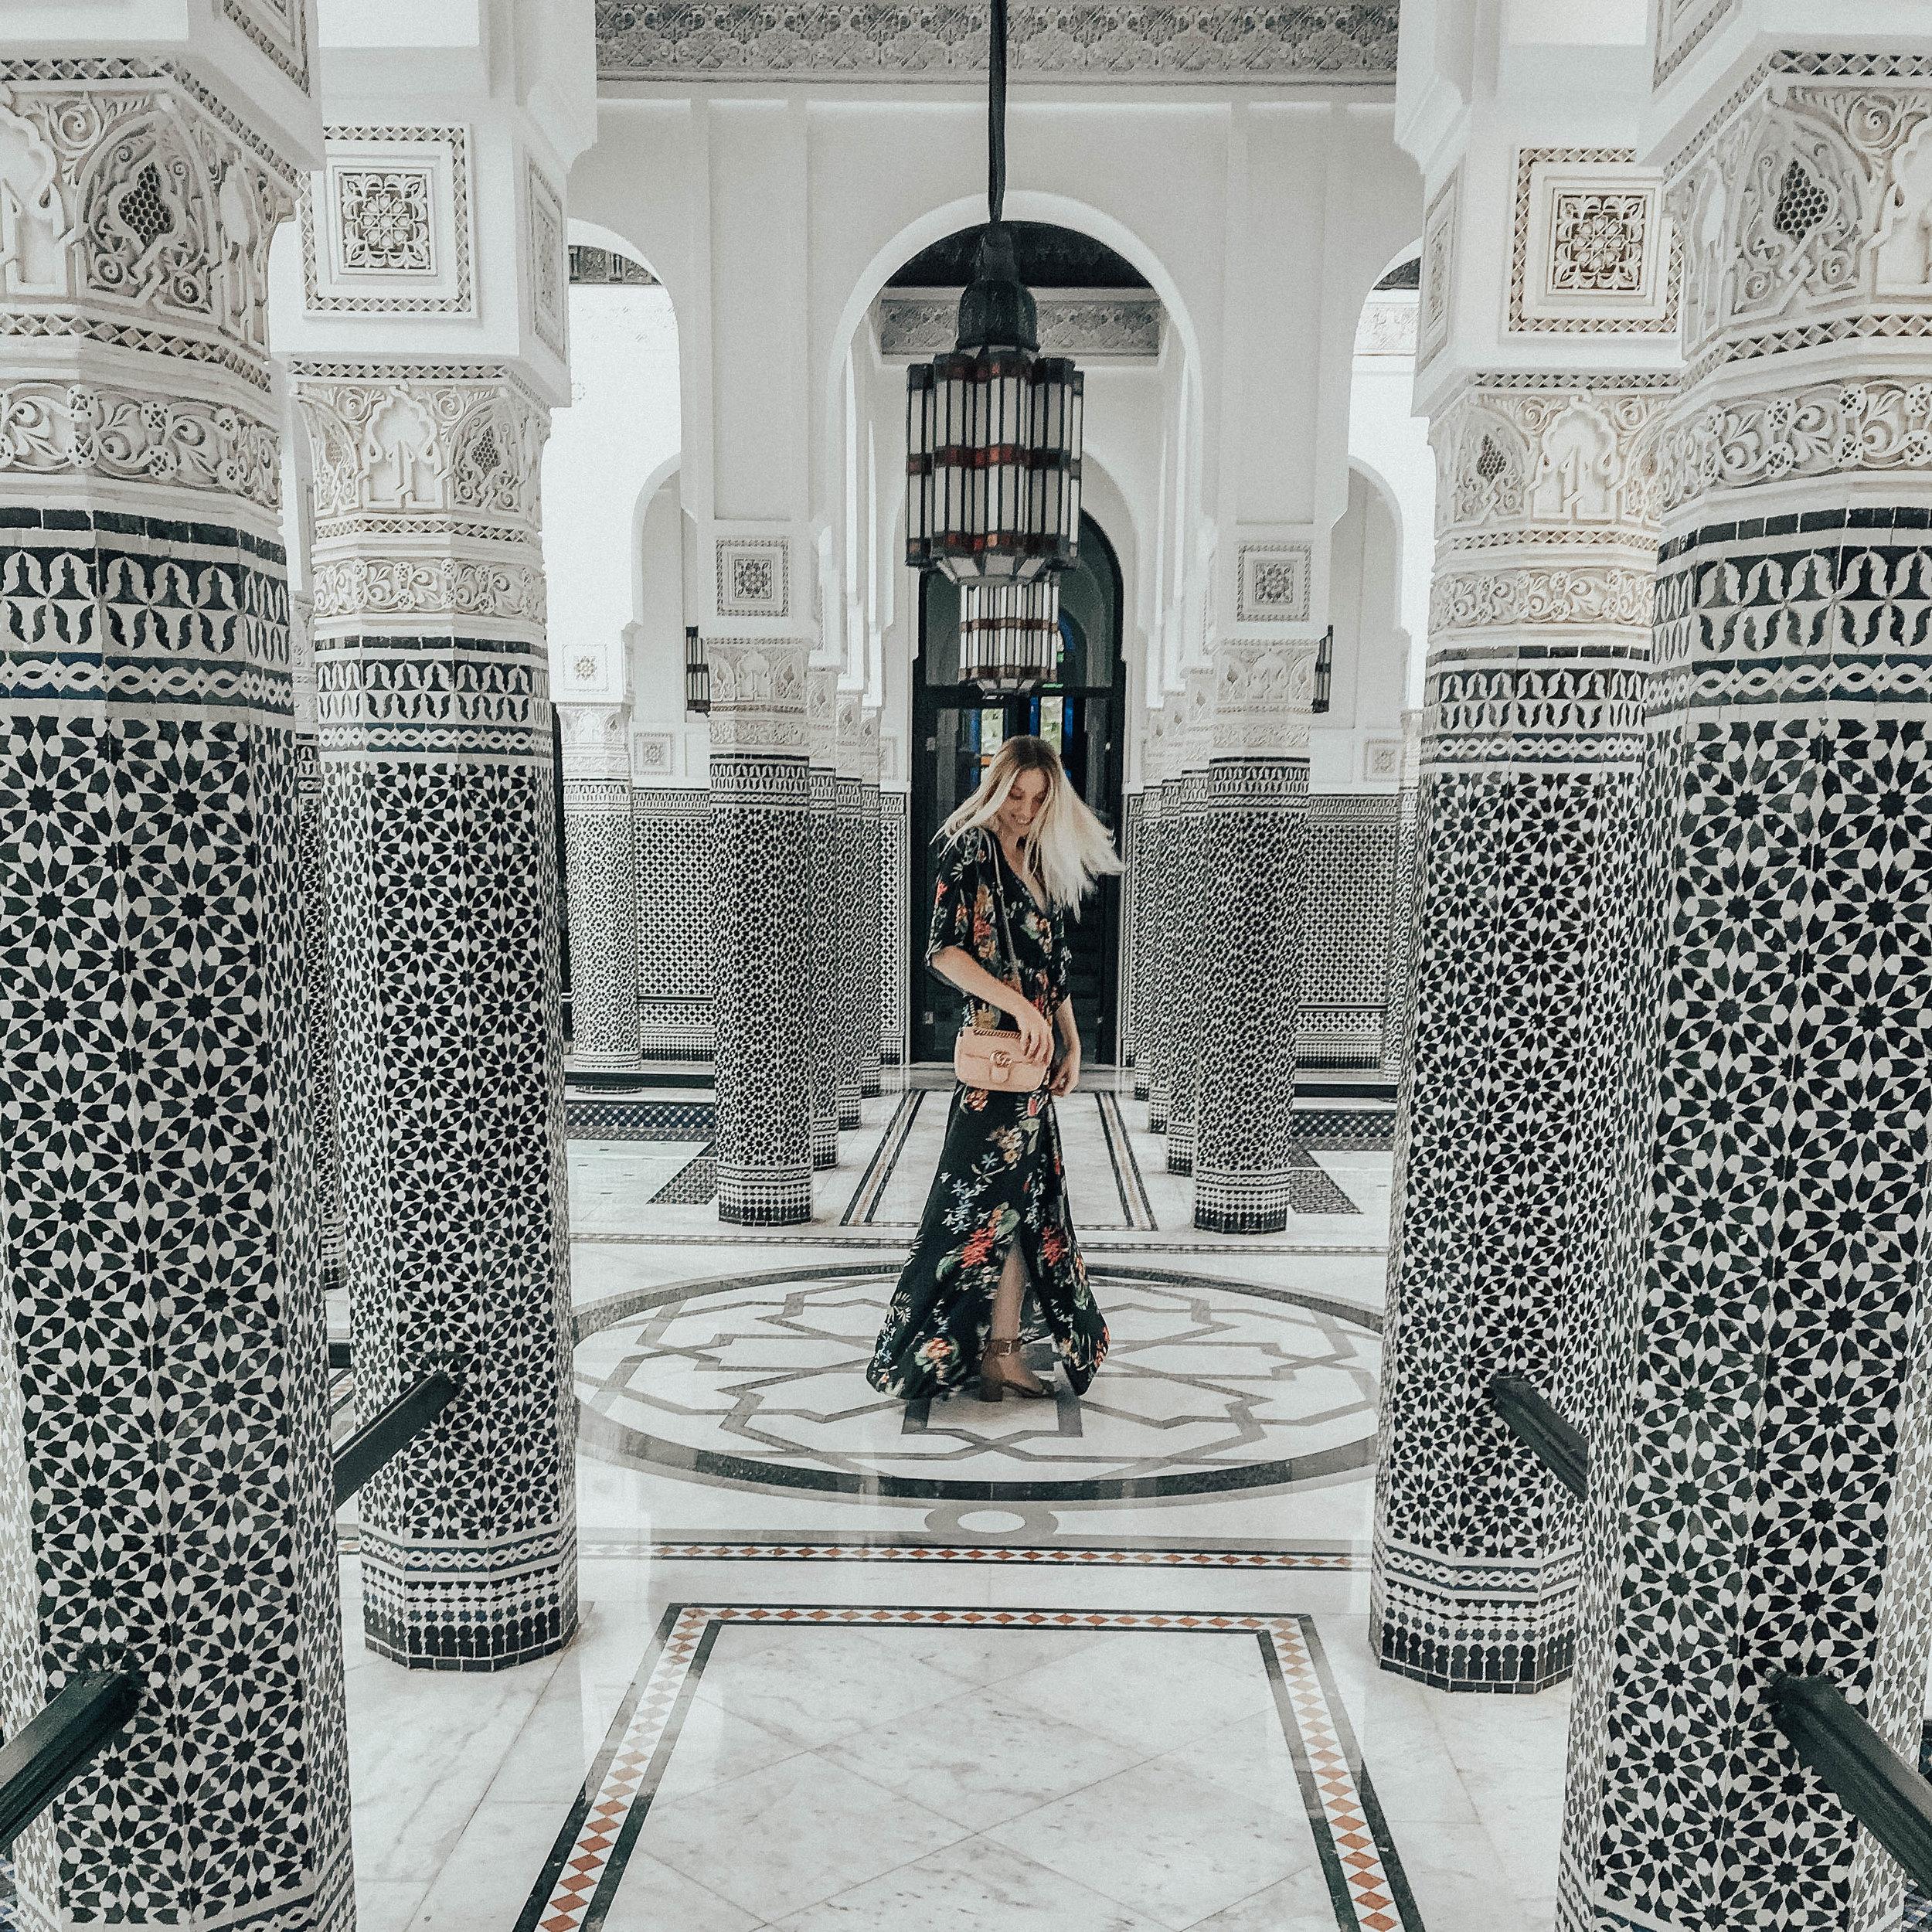 La Mamounia, Marrakech Morocco